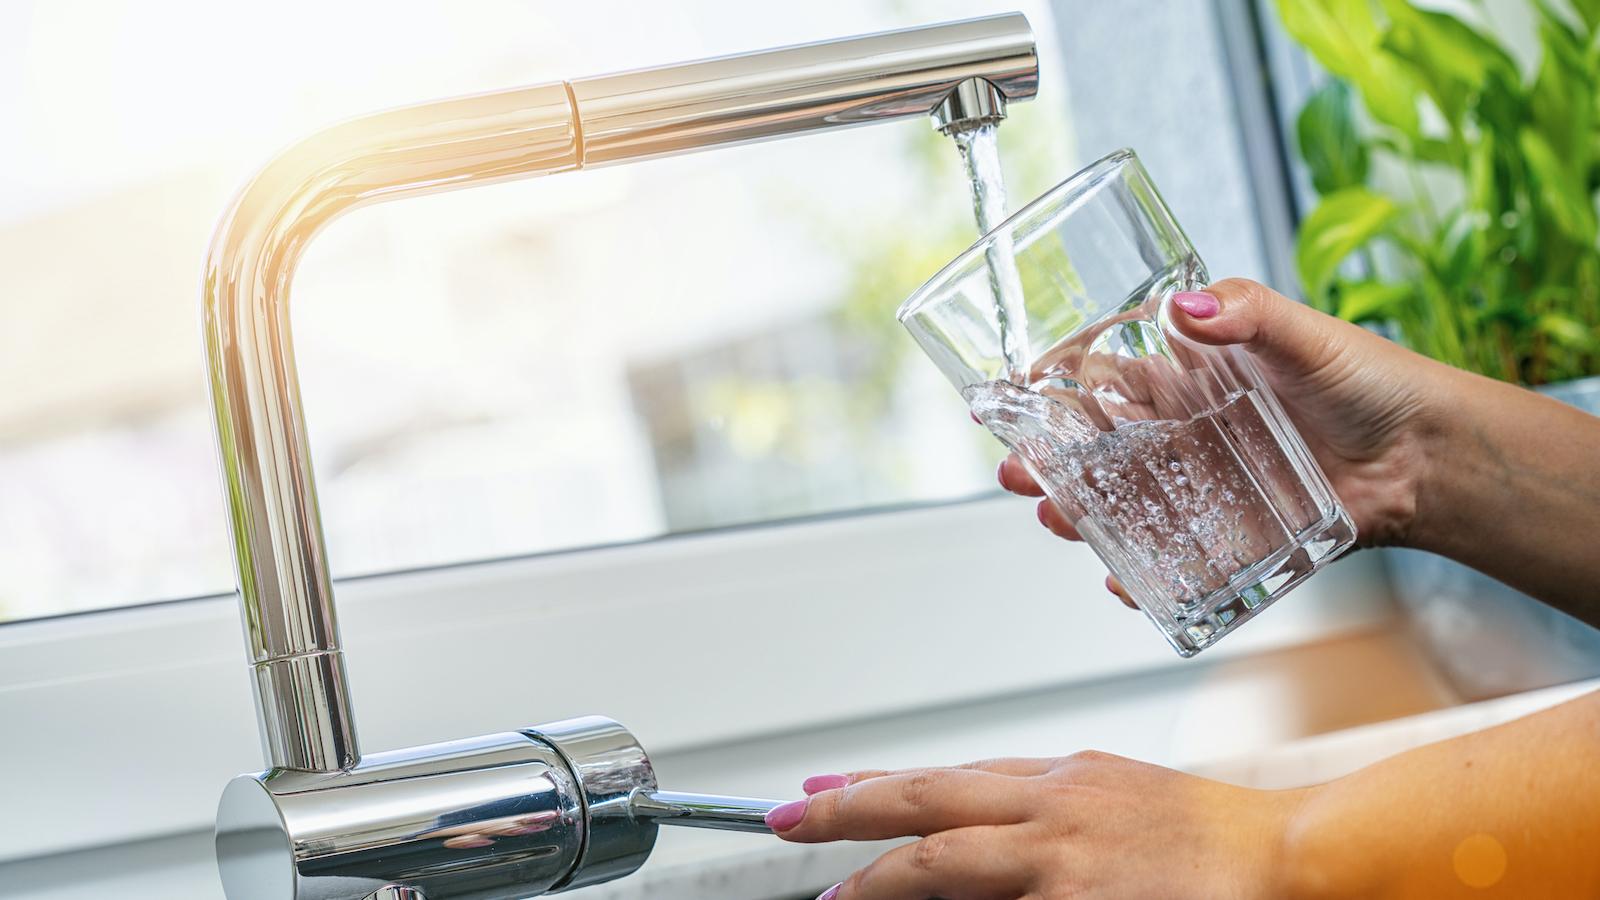 Deshalb sollte man früh kein Leitungswasser trinken